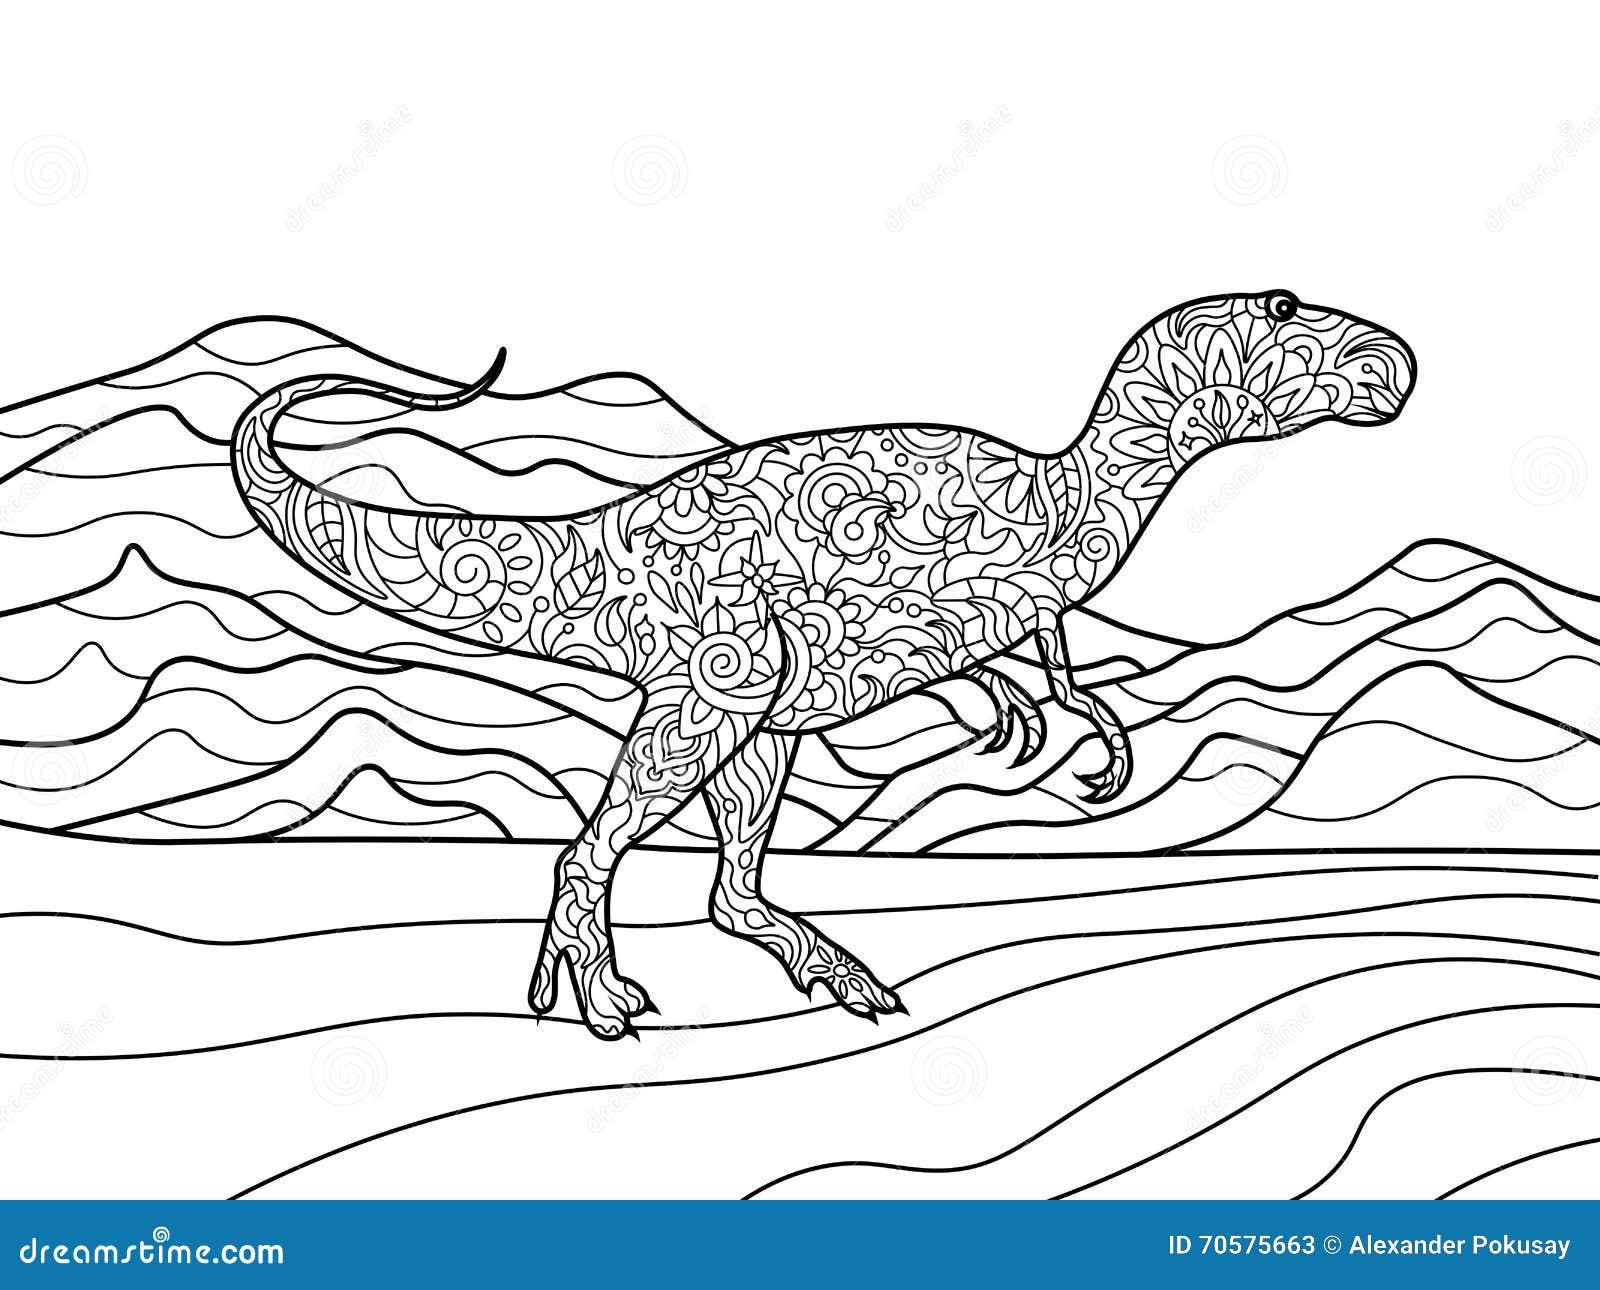 Coloriage Dinosaure Adulte.Livre De Coloriage De Tyrannosaure Pour Le Vecteur D Adultes